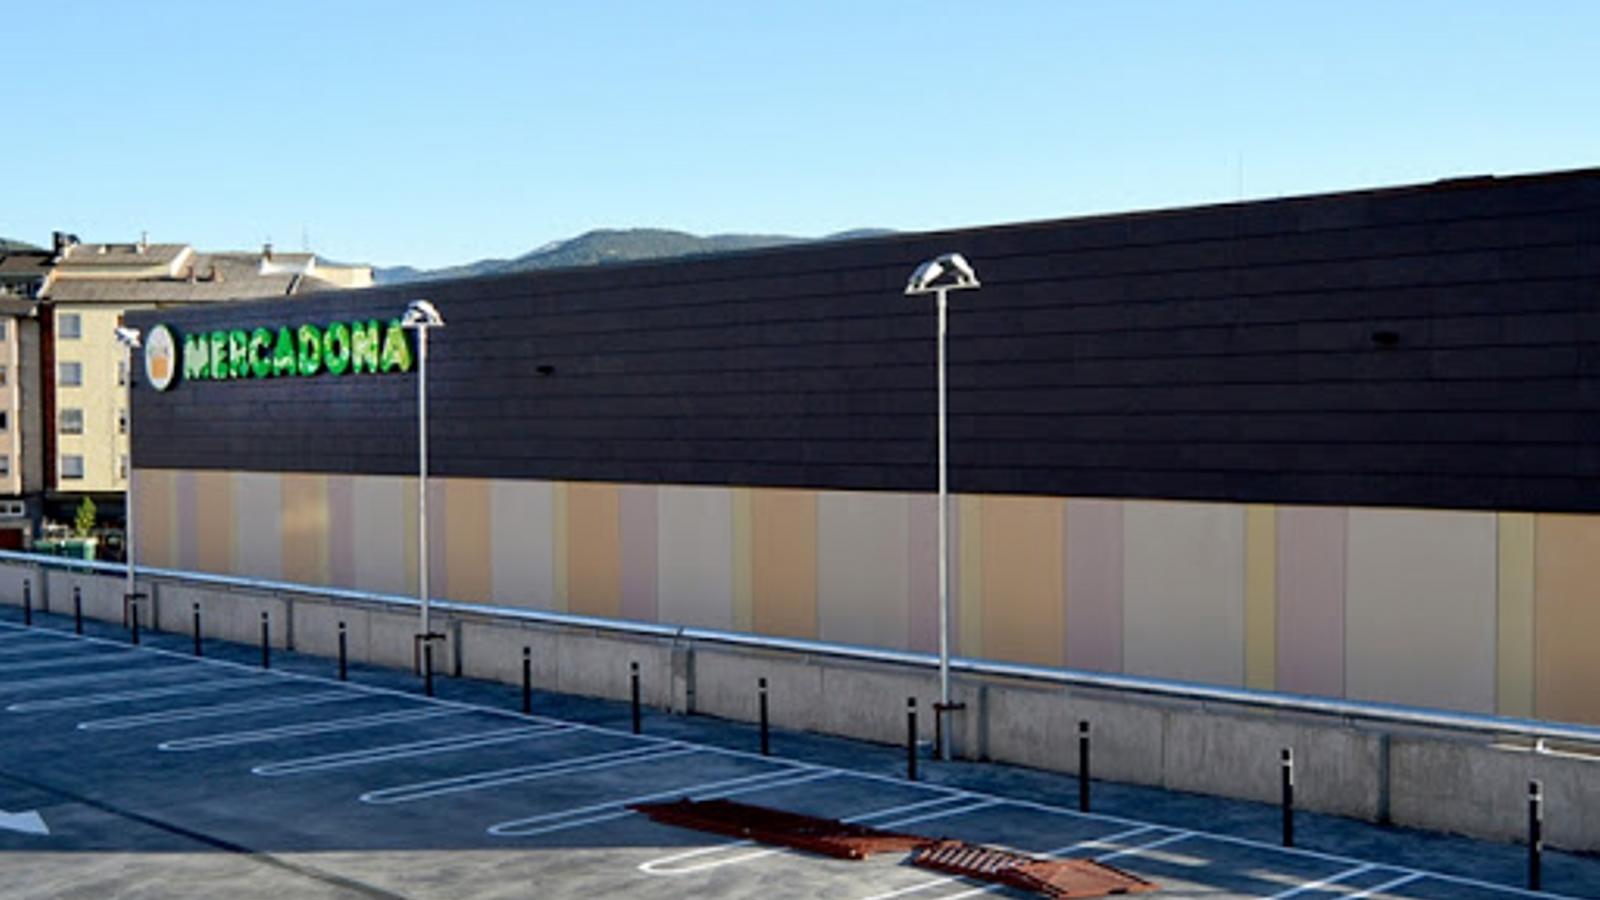 El Mercadona de la Seu d'Urgell. / ARXIU